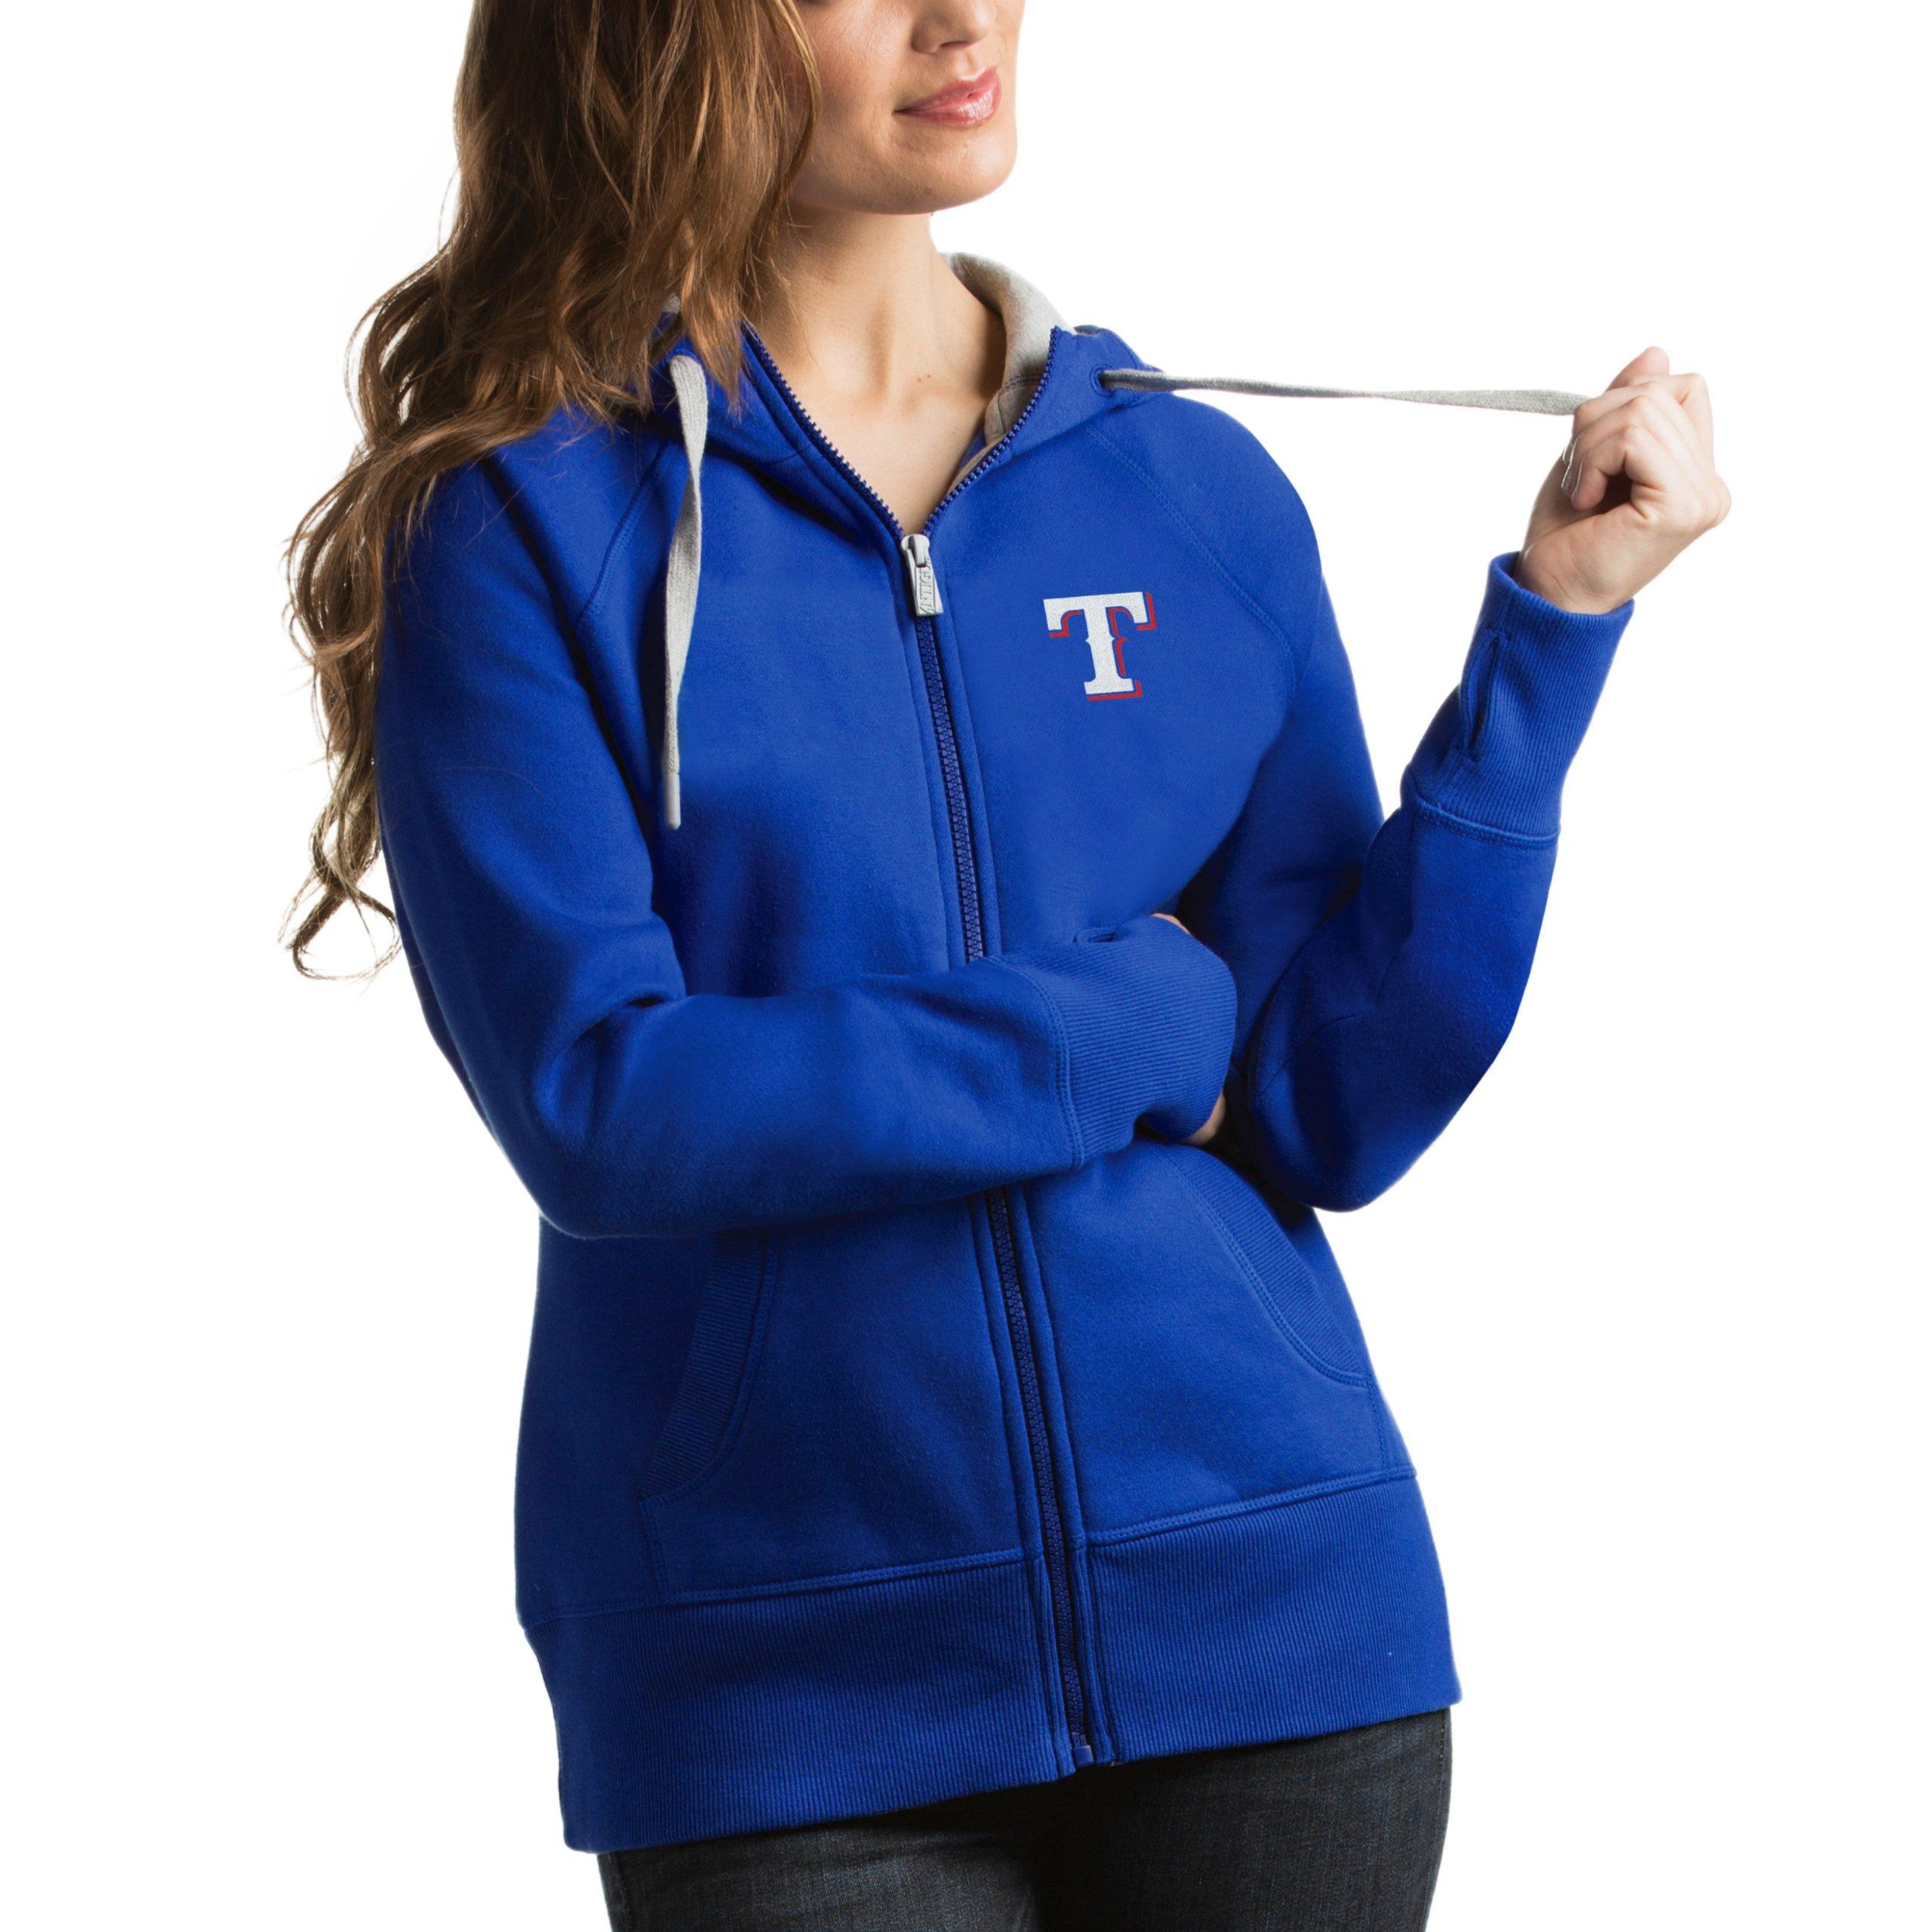 Texas Rangers Antigua Women's Victory Full-Zip Hoodie - Royal